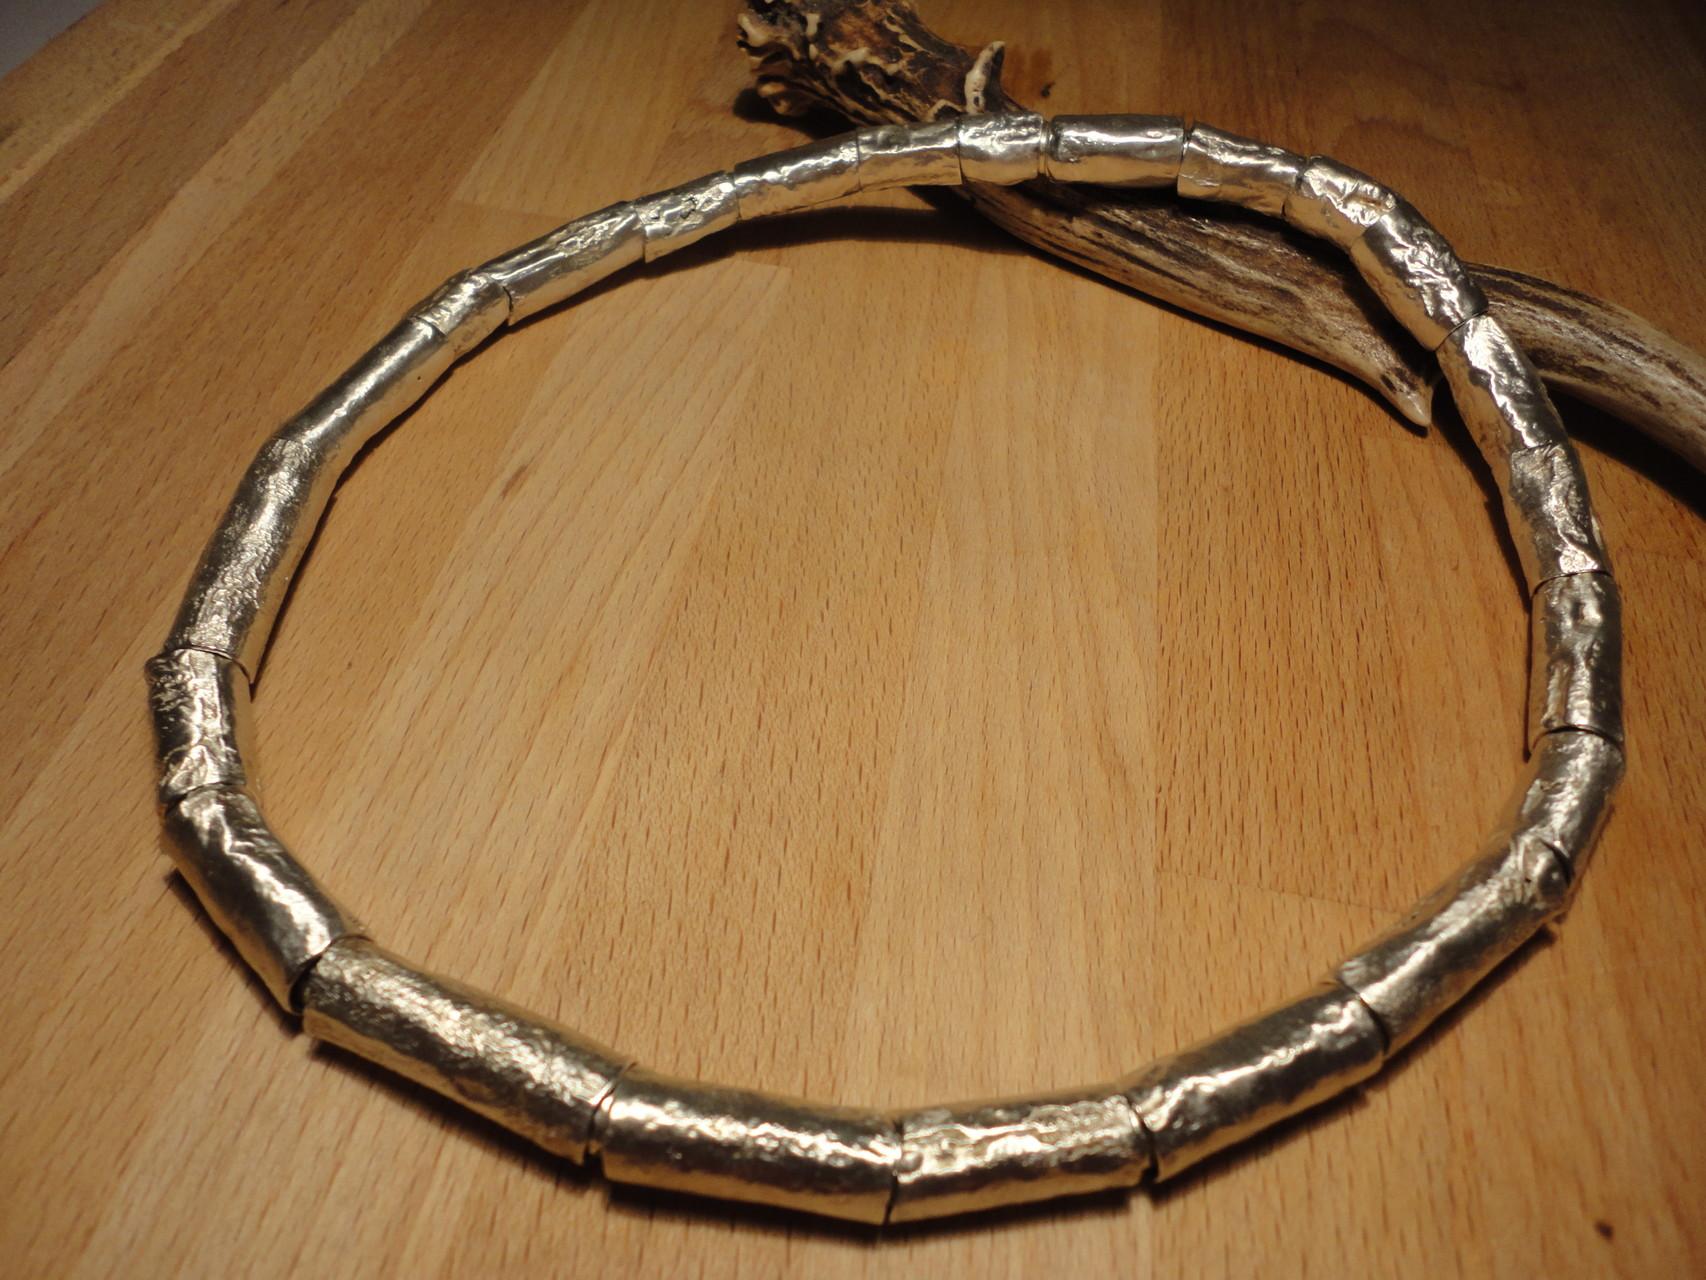 Massives Collier aus handgefertigten Silberröhren - Gewicht: inklusive beweglicher Silber-Innenkette: 135g (925 Sterlingsilber) Preis: CHF 1'100.-